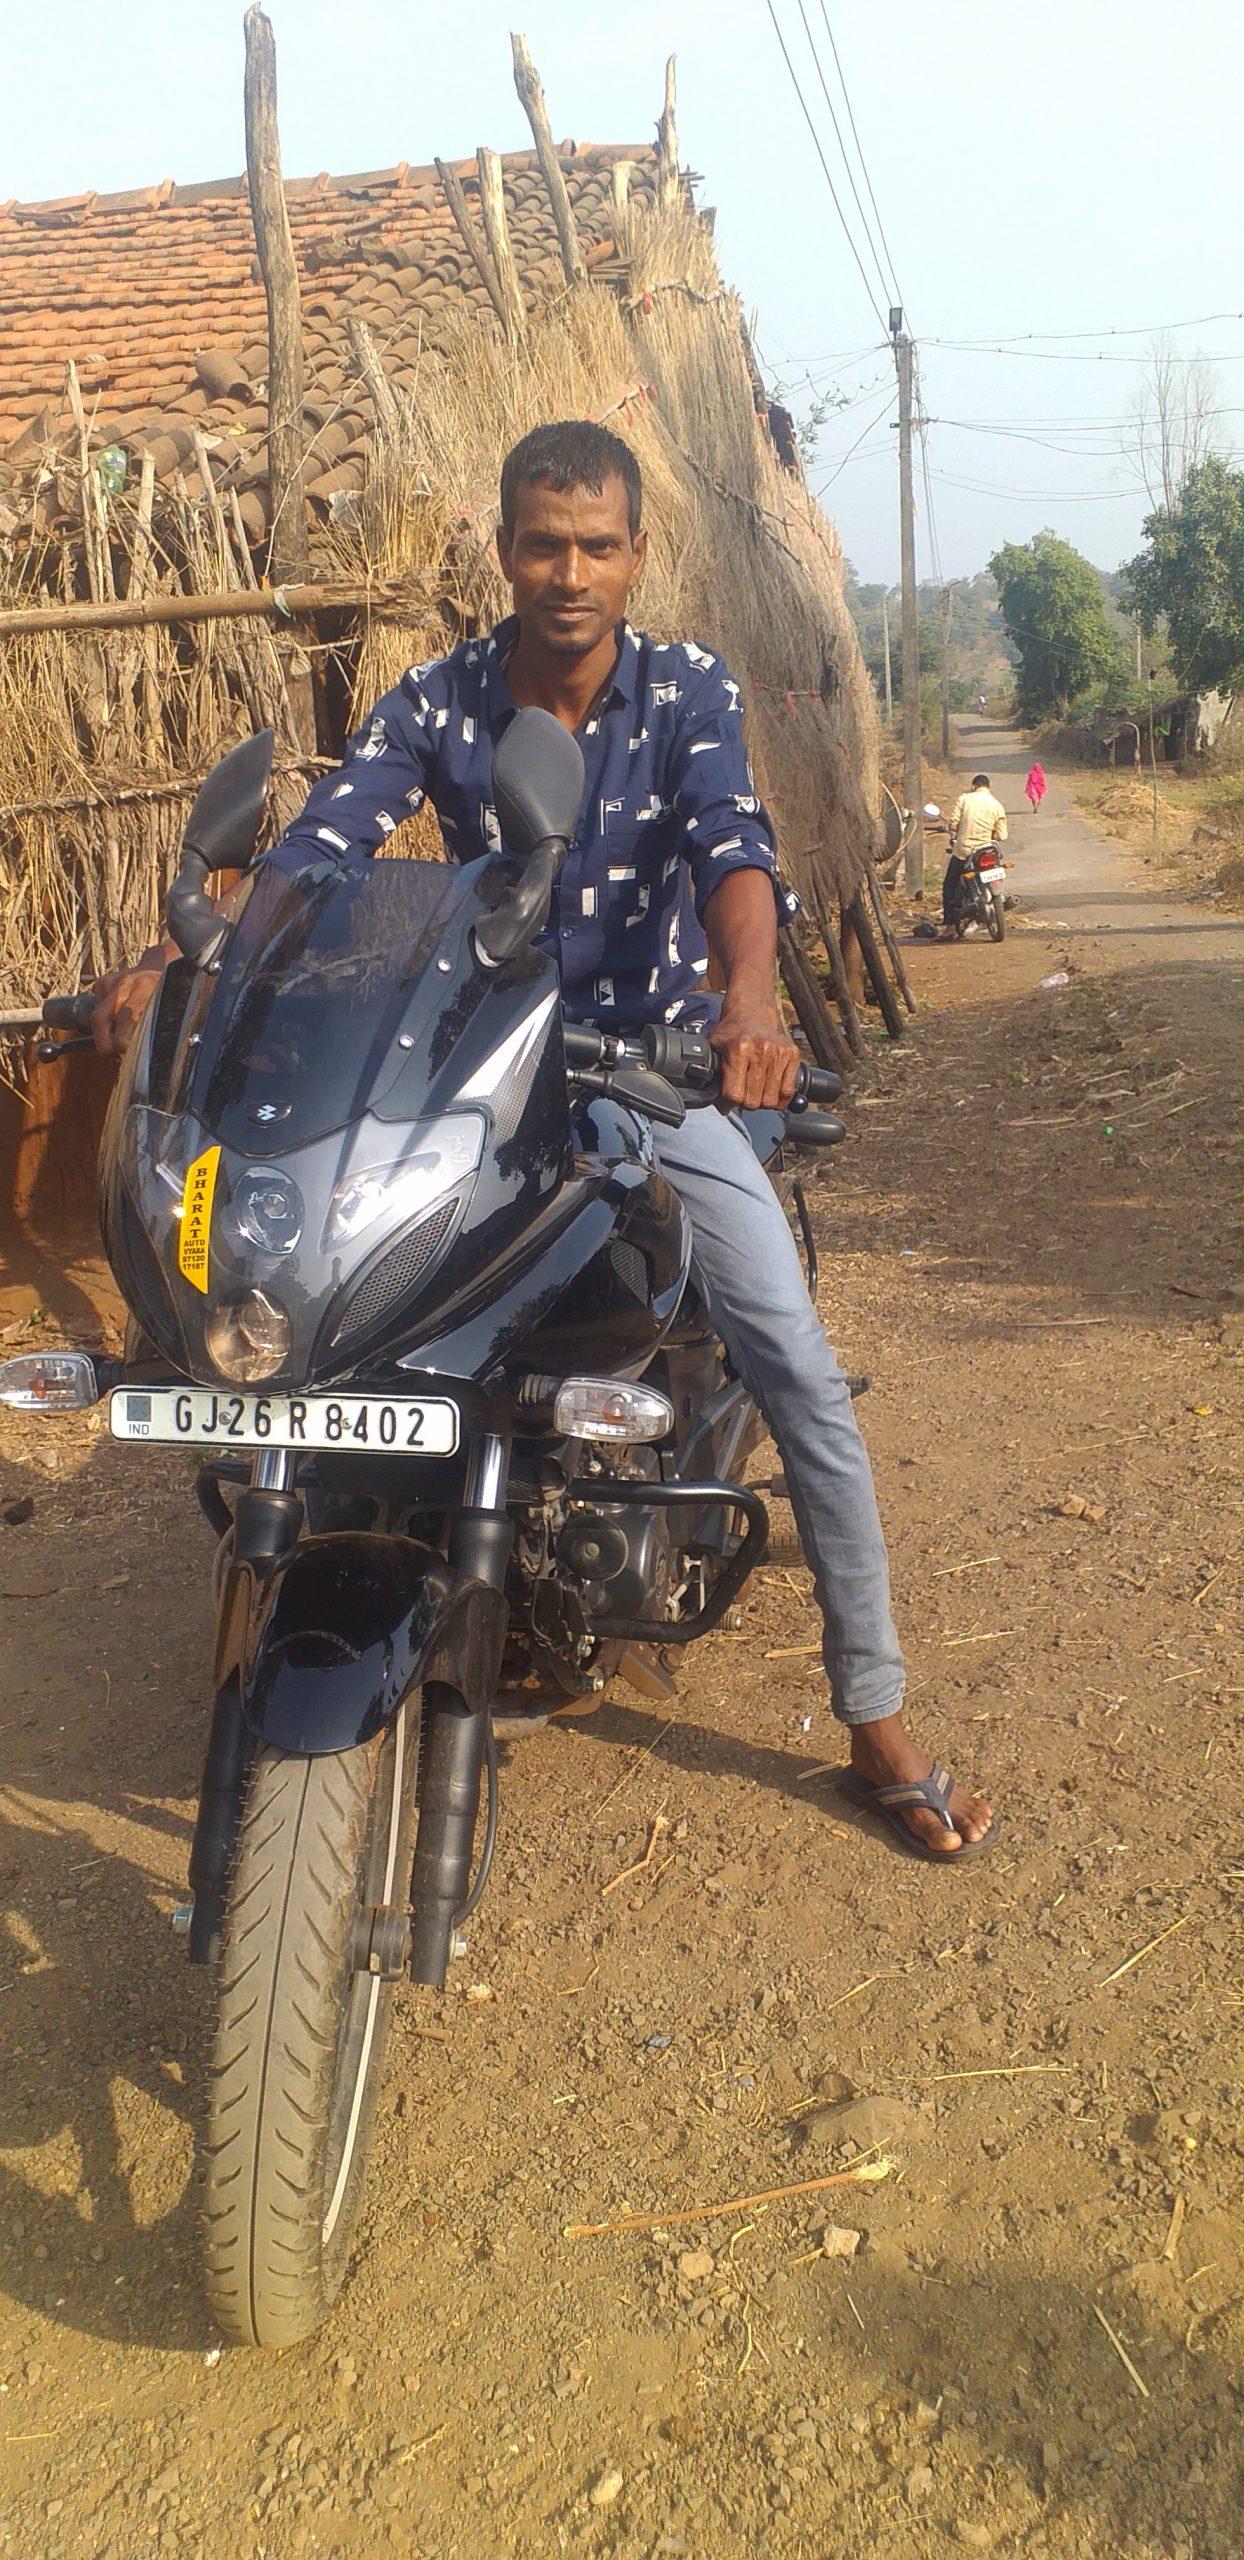 Boy posing bike near hut in village